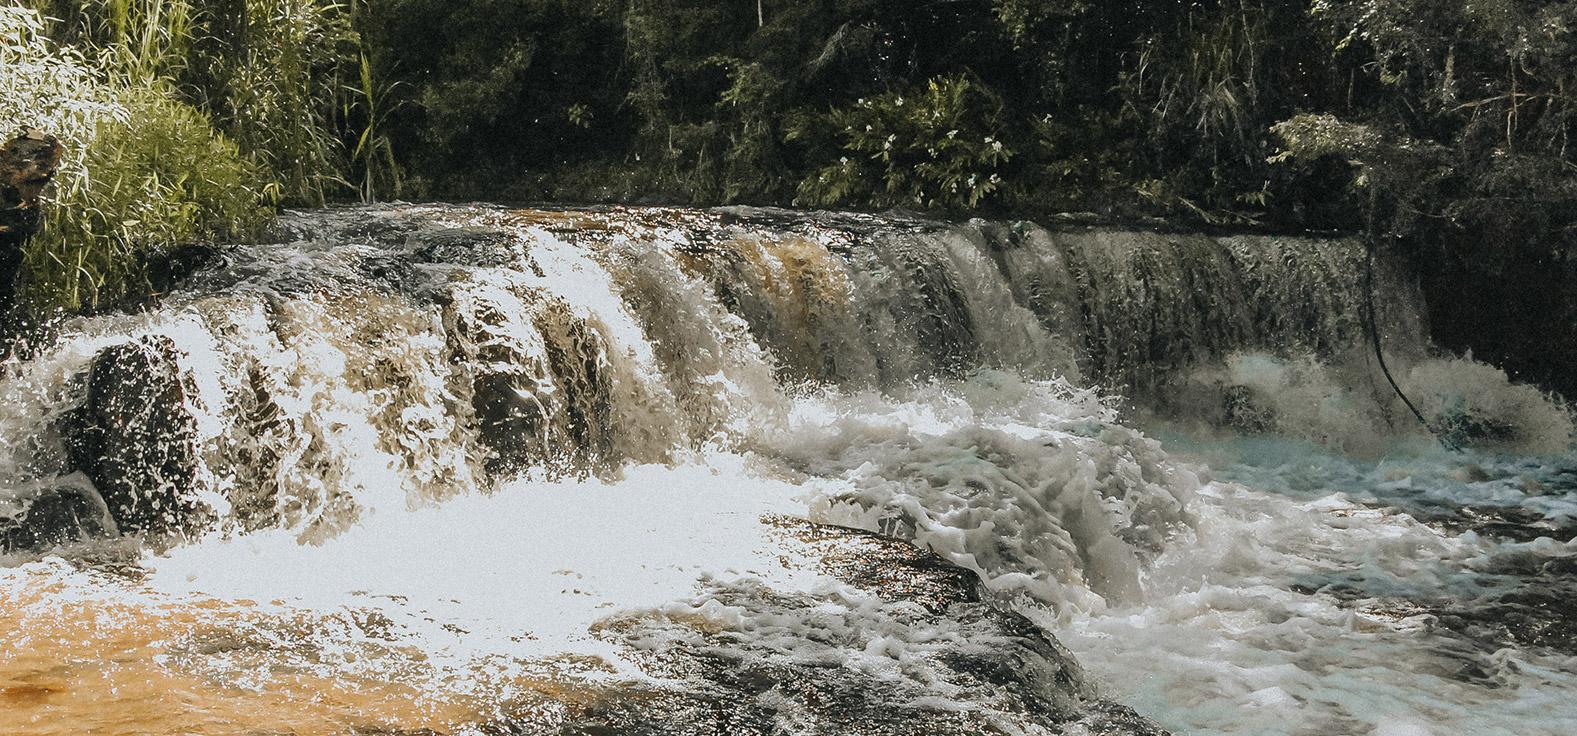 Cachoeira Cuscuzeiro em Corumbataí | Portal Serra do Itaquerí